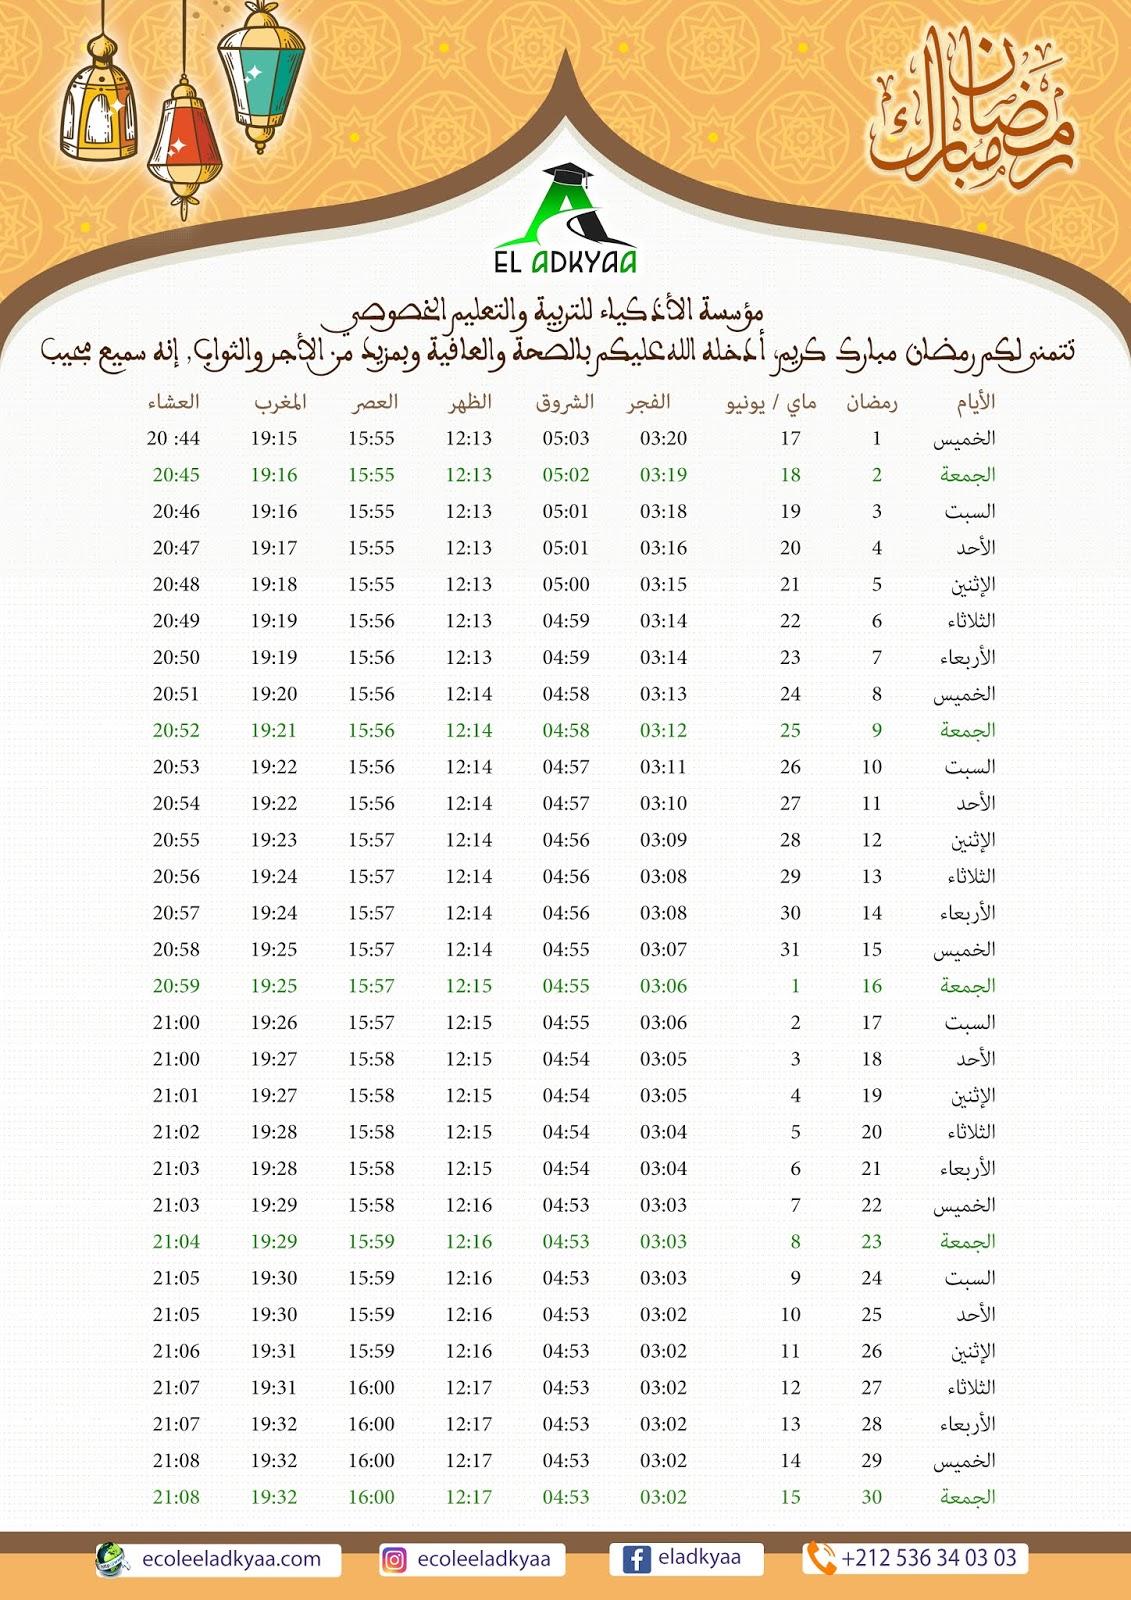 مواقيت الصلاة لشهر رمضان حسب توقيت وزارة الاوقاف والشؤون الاسلامية بالمغرب